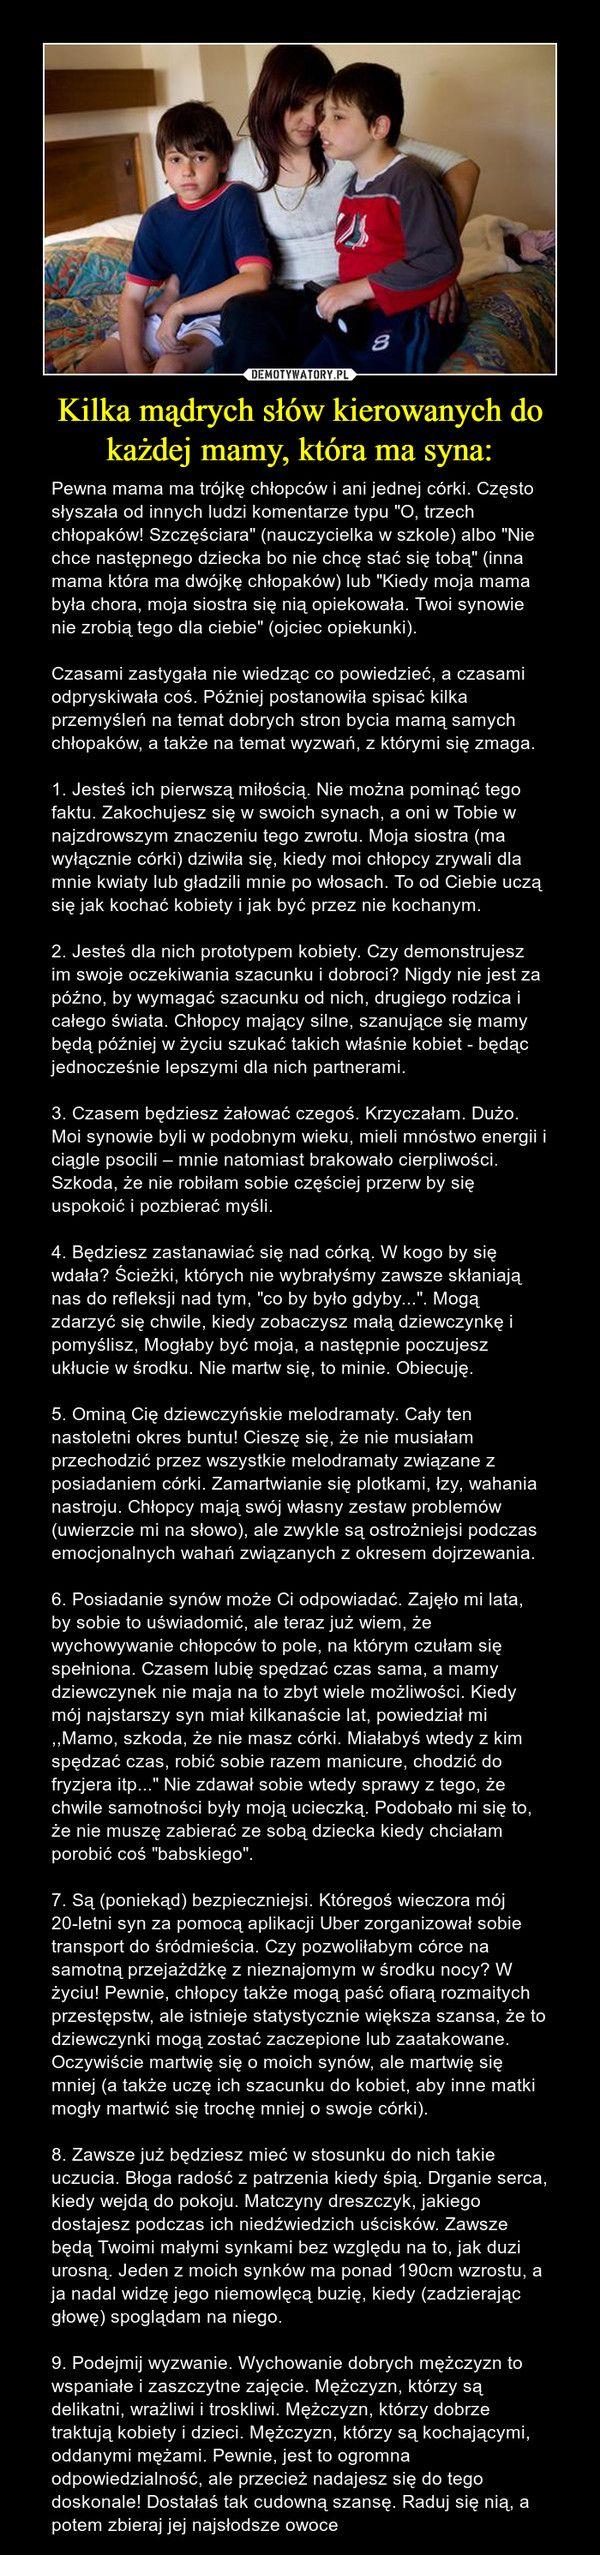 http://demotywatory.pl/4754839/Kilka-madrych-slow-kierowanych-do-kazdej-mamy-ktora-ma-syna-